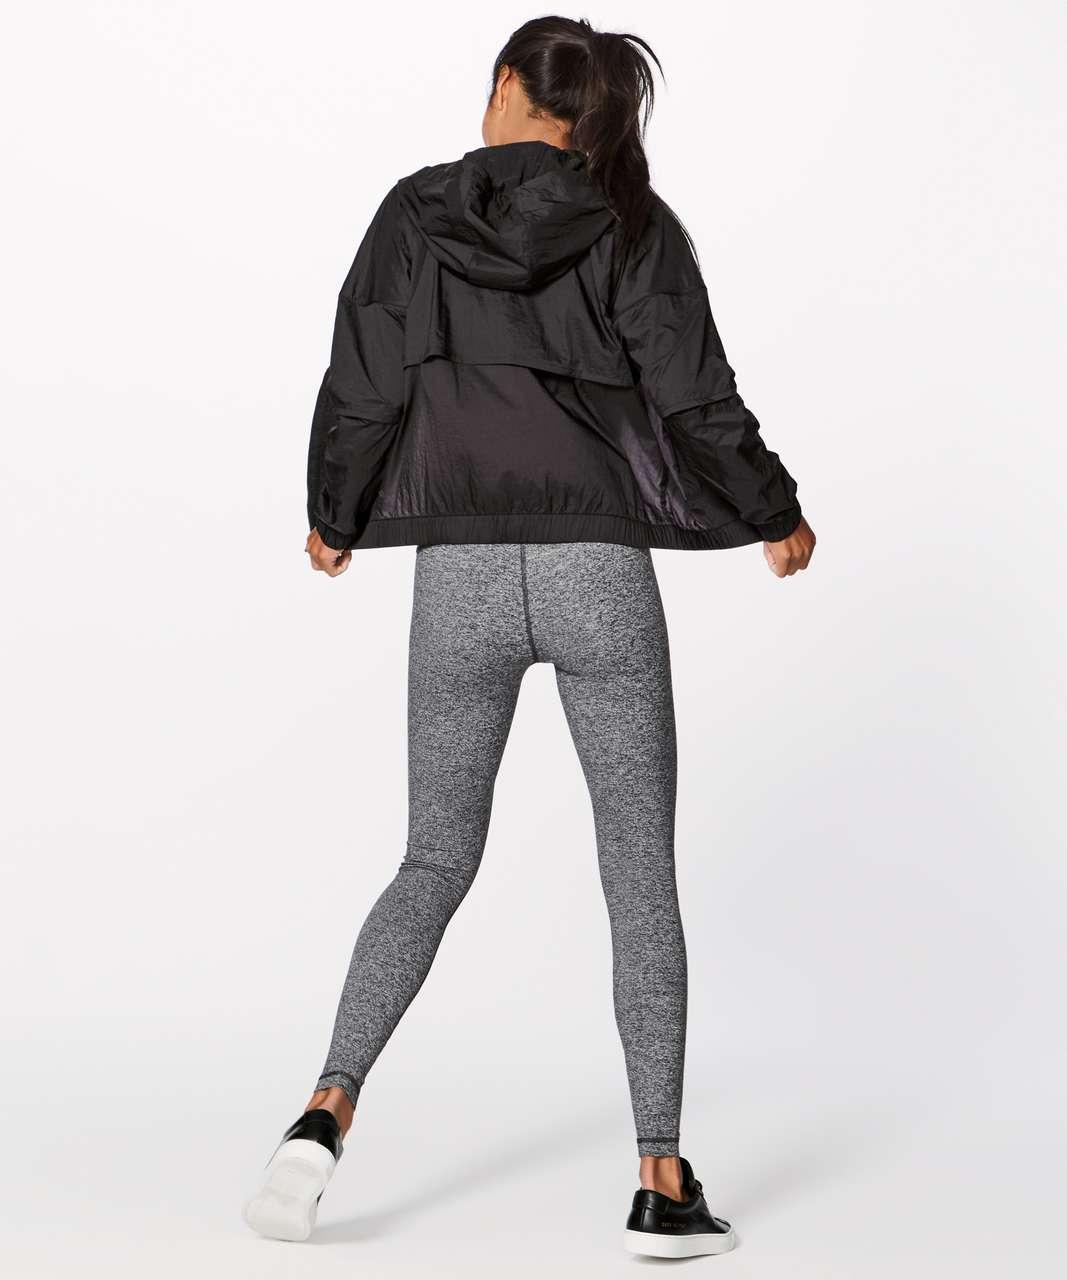 Lululemon Refined Jacket - Black